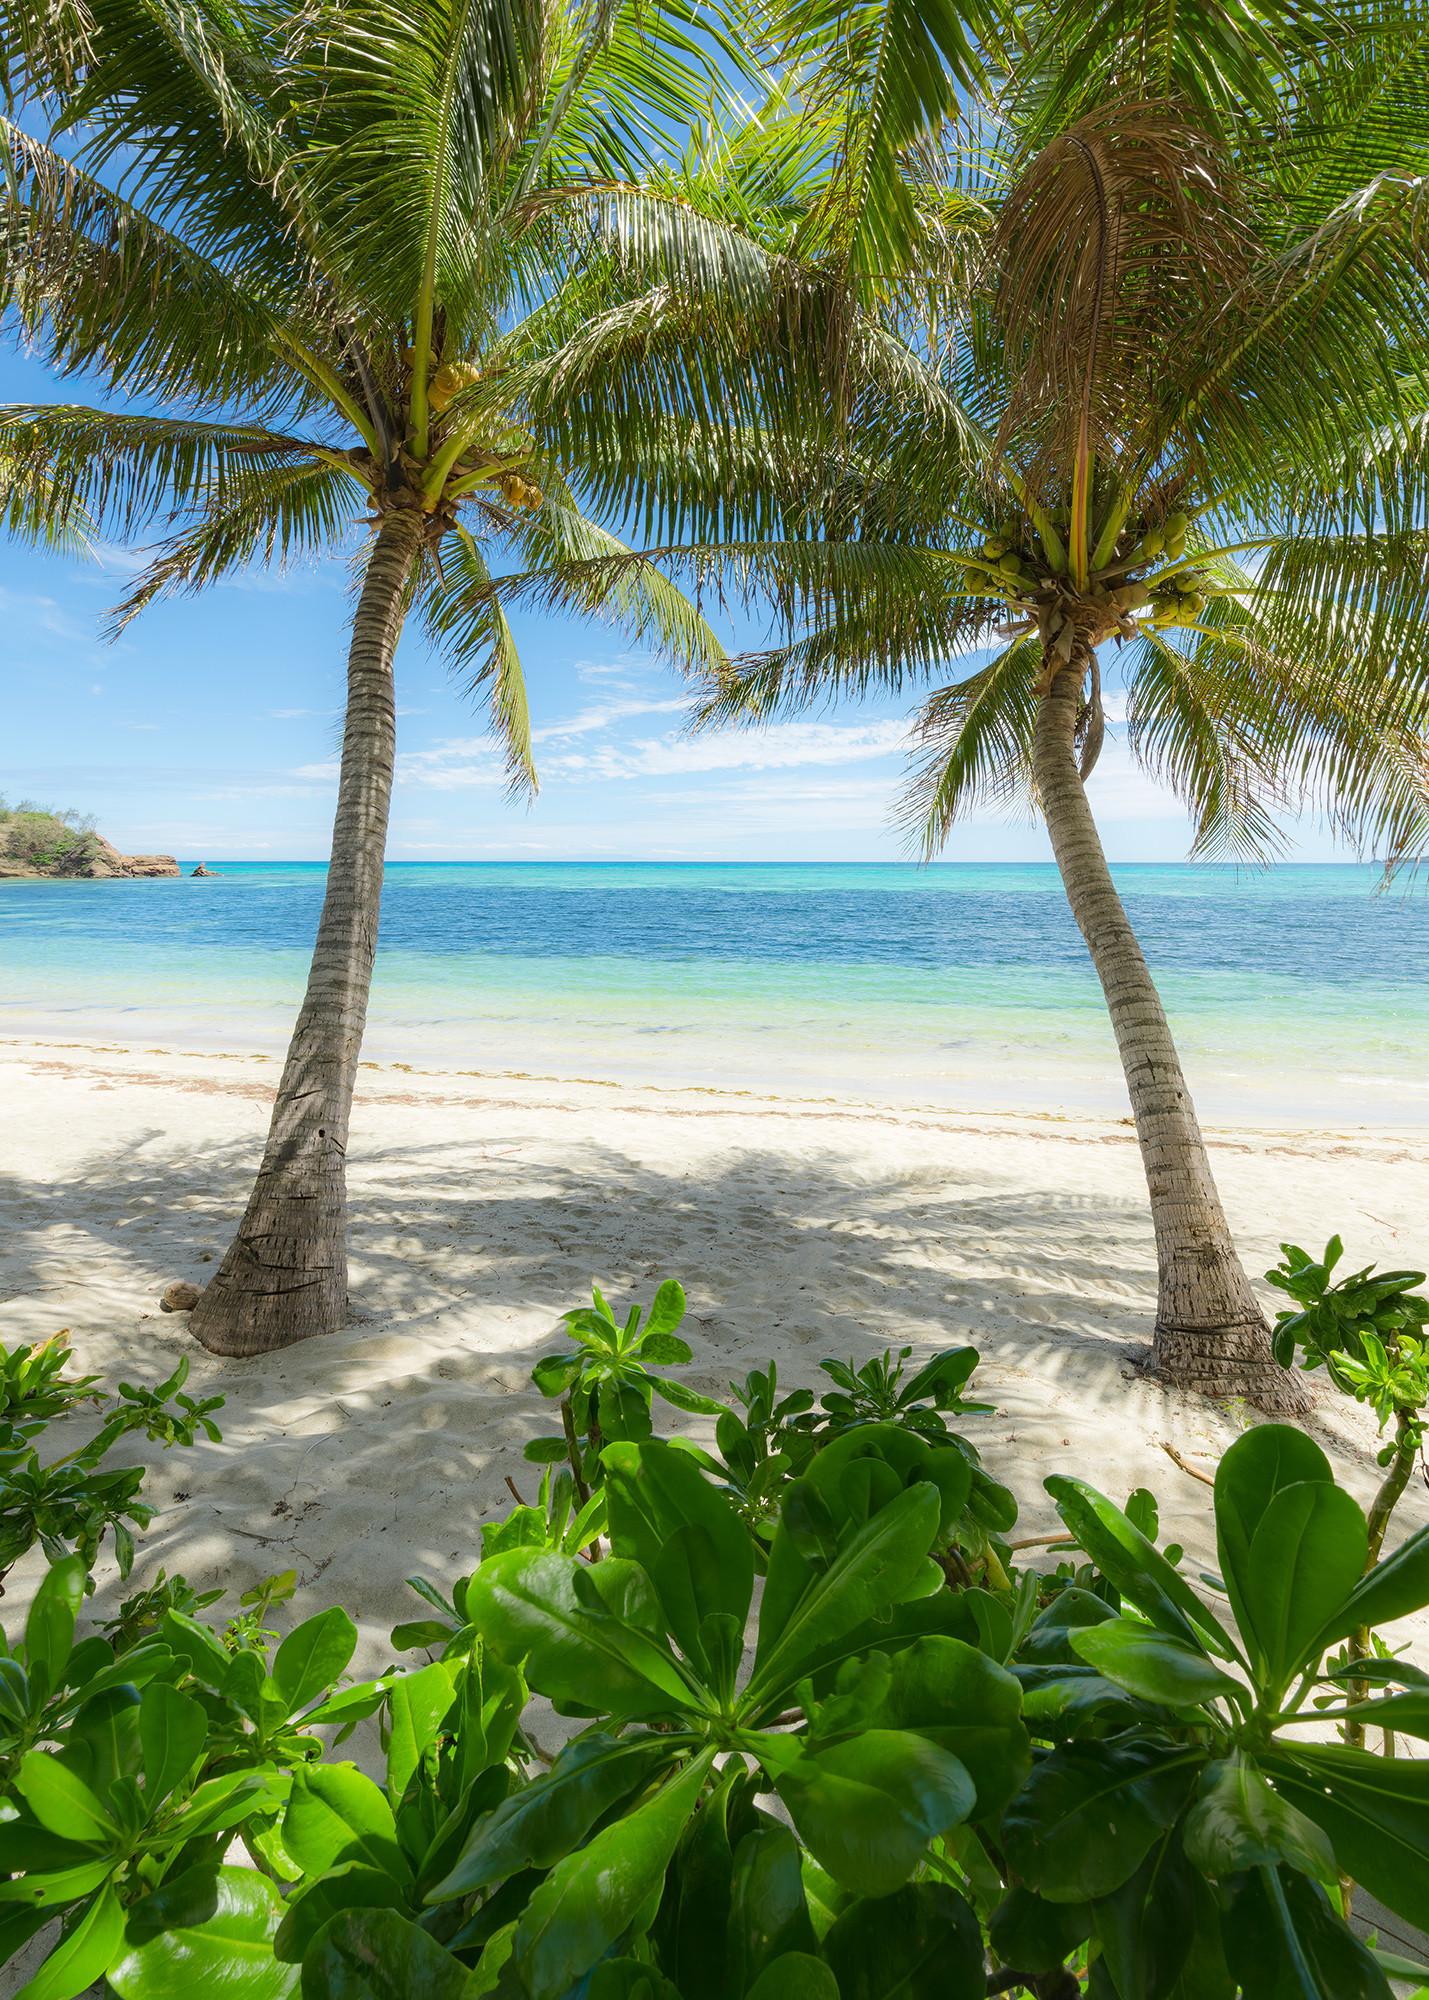 Palmy Beach